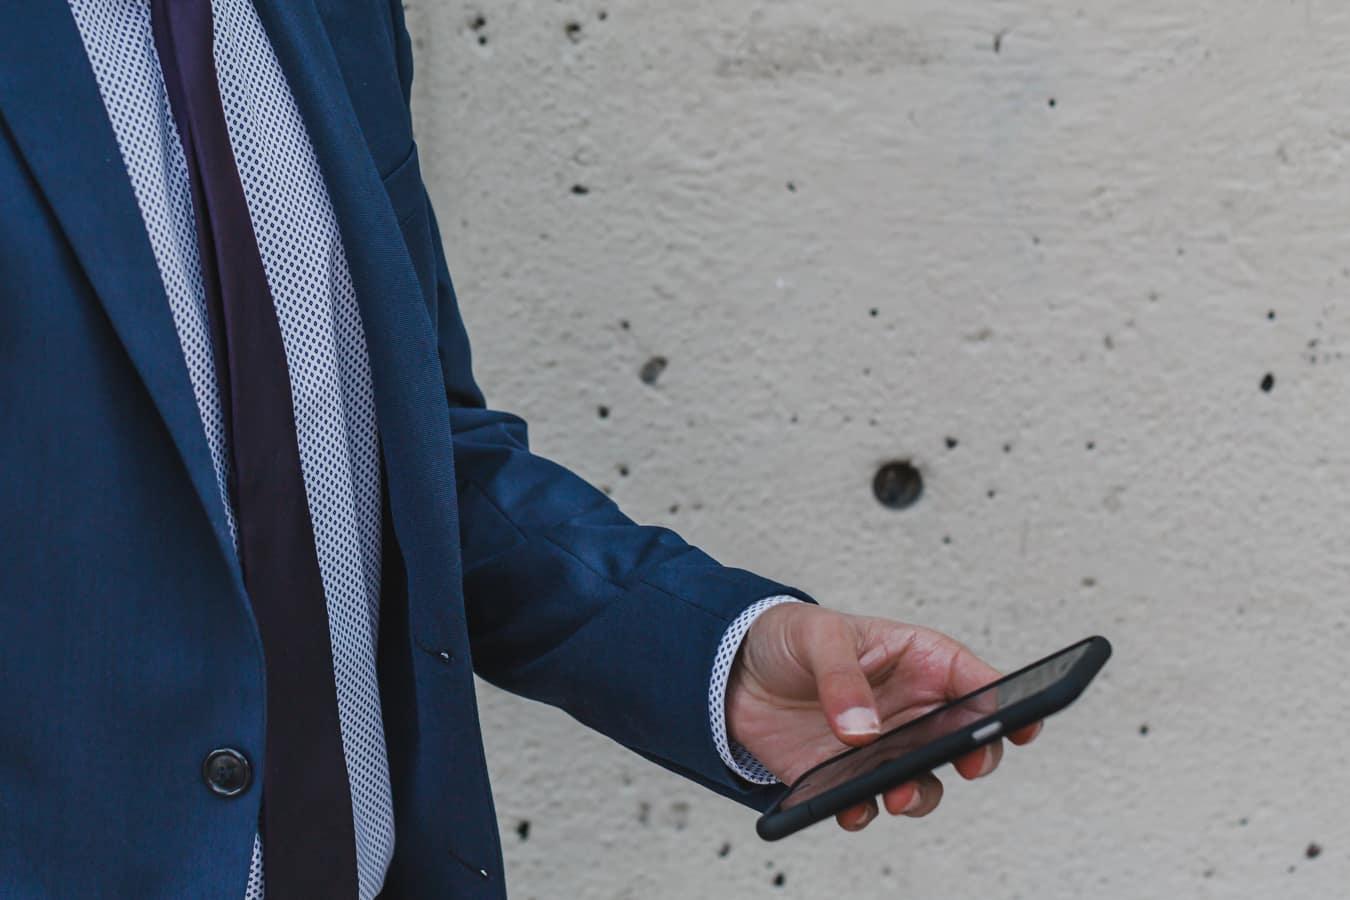 Régler ses performances auto avec son téléphone